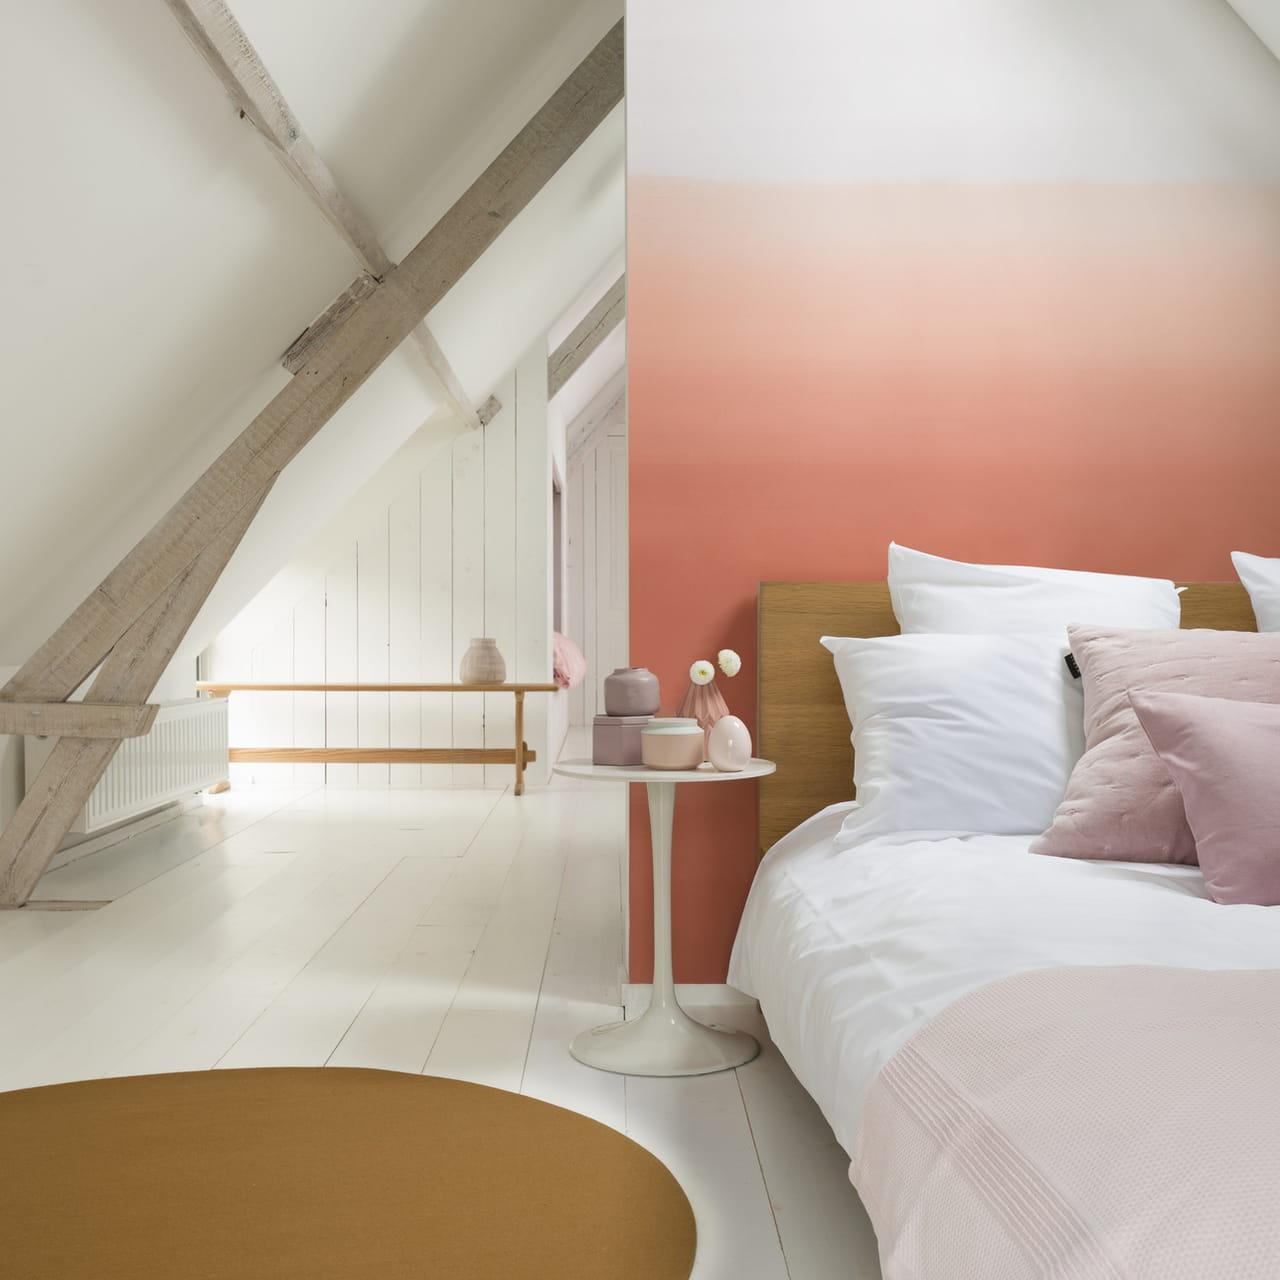 Peinture pour la chambre : quelle couleur choisir ?